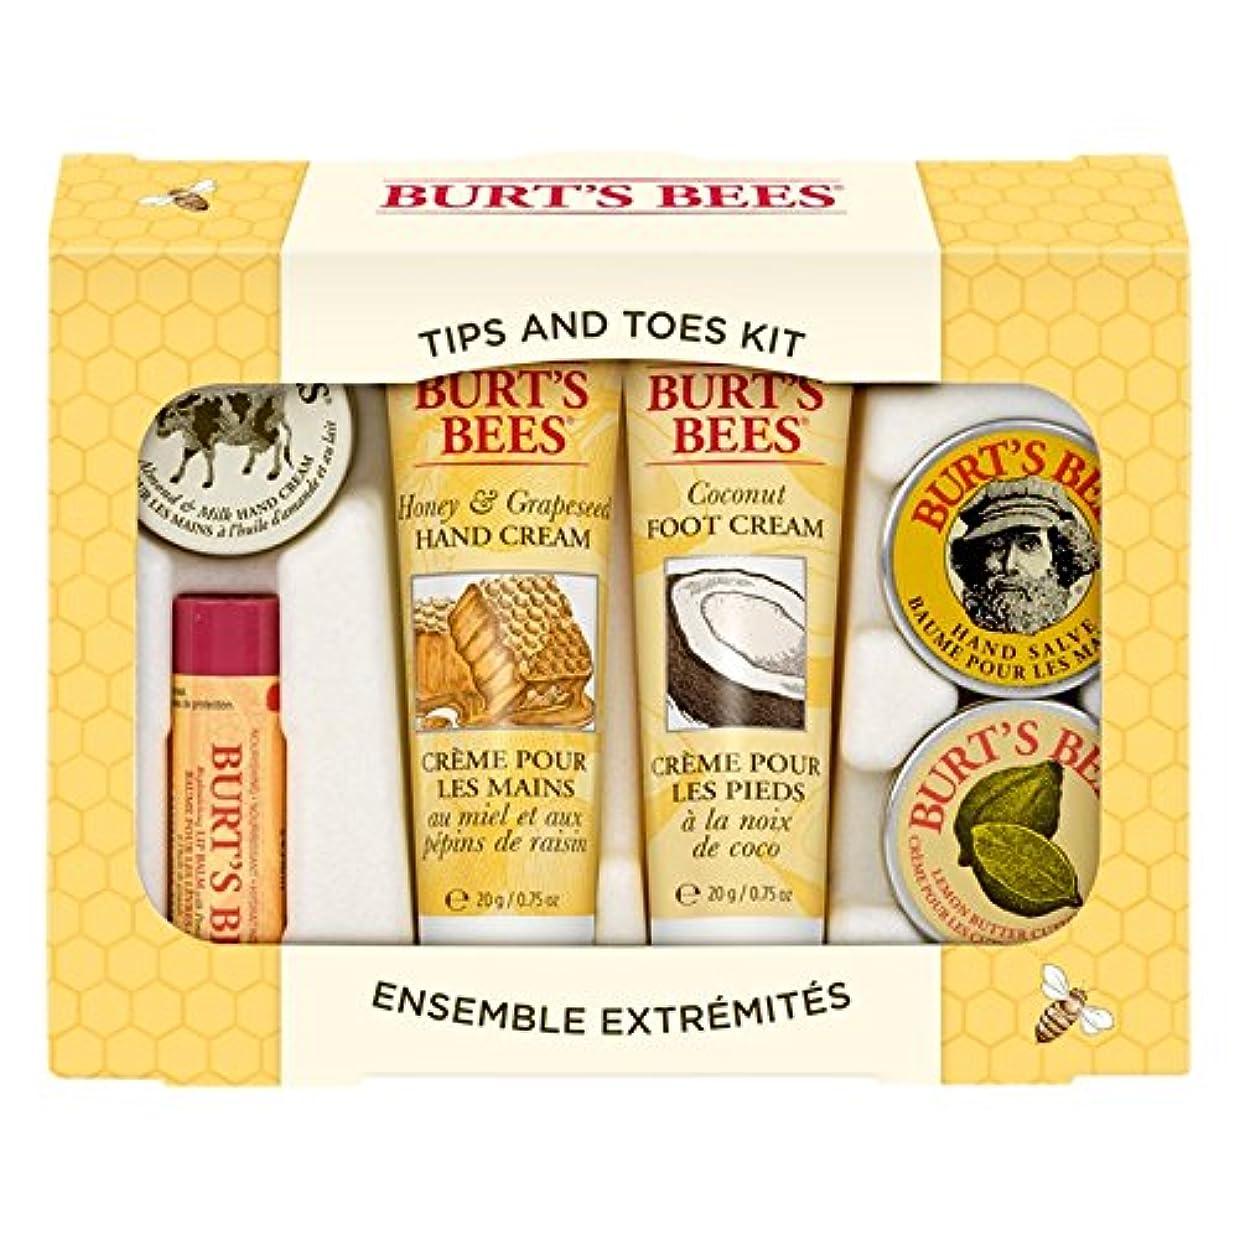 国勢調査艶旅バーツビーのヒントとつま先はスターターキットをスキンケア (Burt's Bees) - Burt's Bees Tips And Toes Skincare Starter Kit [並行輸入品]